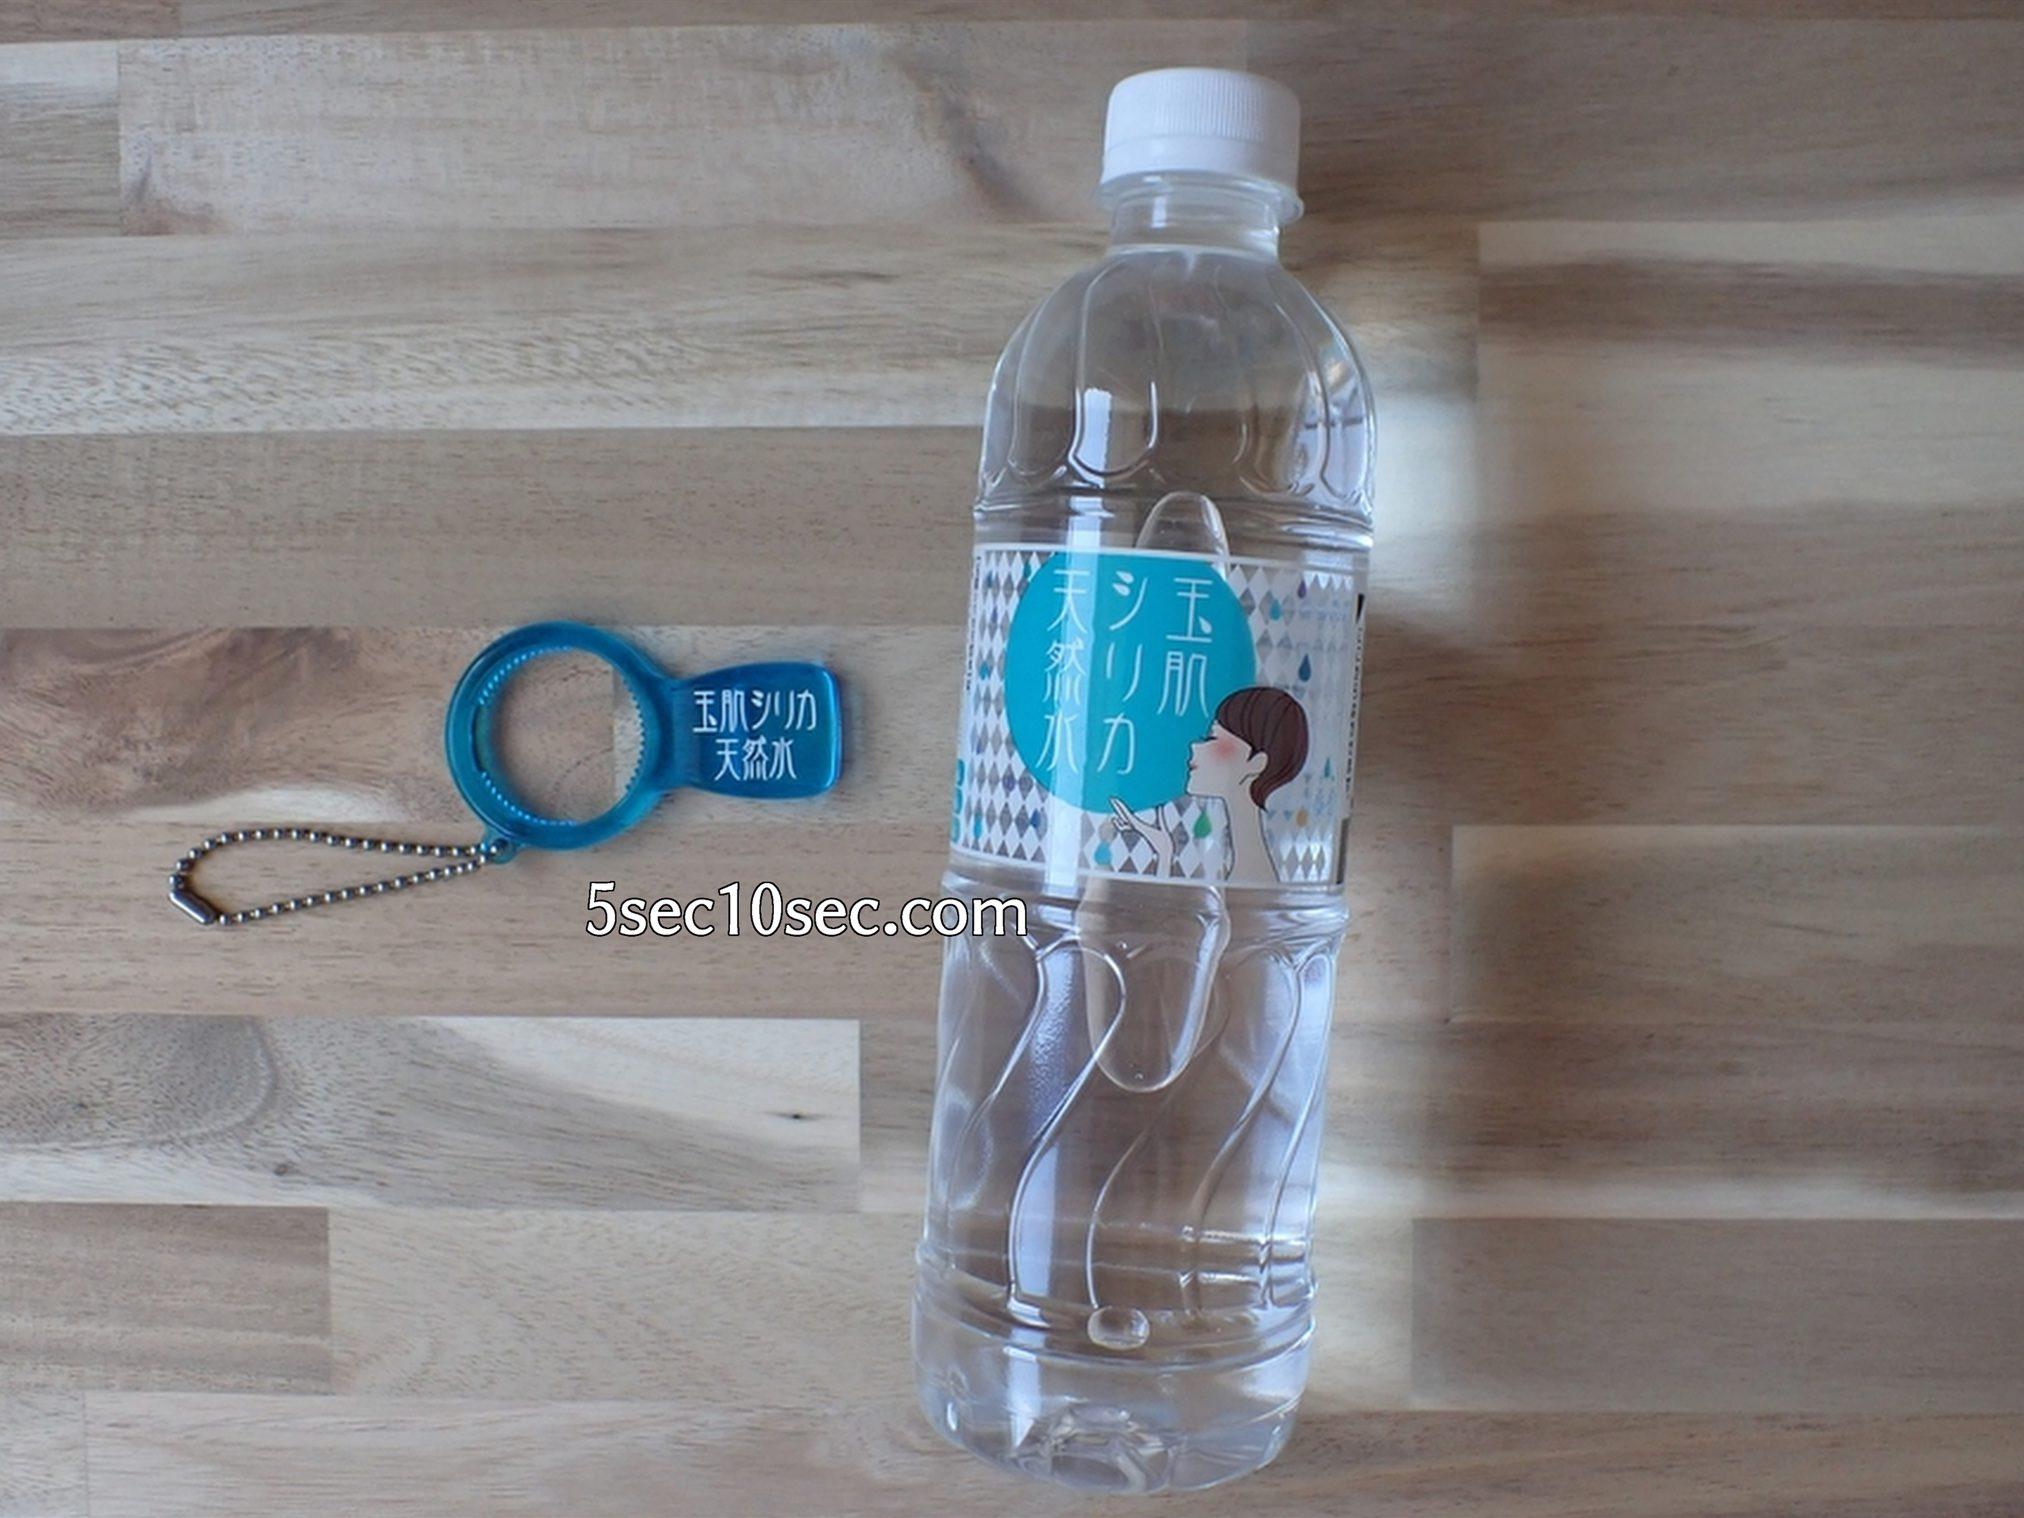 玉肌シリカ天然水とペットボトルオープナー